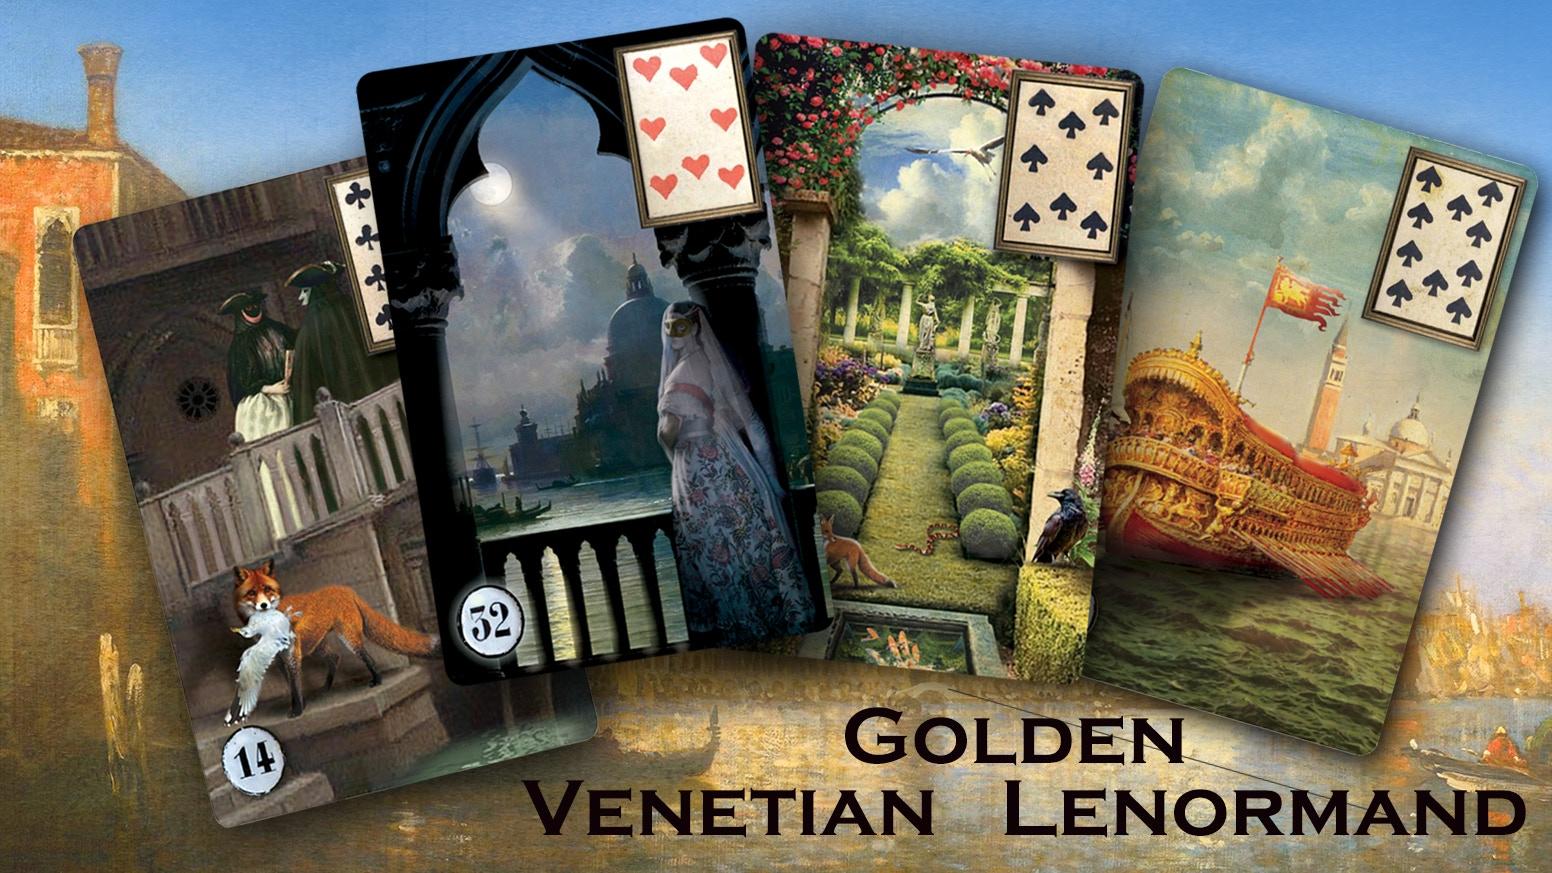 Golden Venetian Lenormand by Eugene Vinitski » One example of the